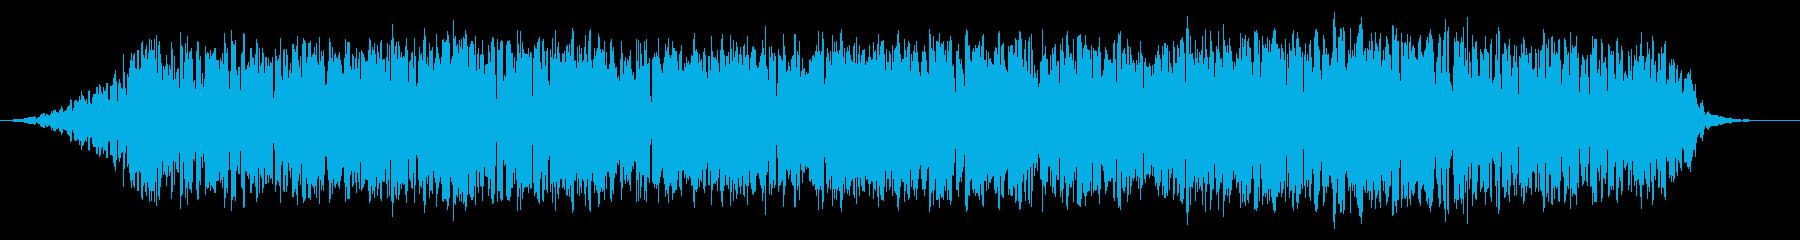 テルミン:揺れる不気味な音楽のアクセントの再生済みの波形